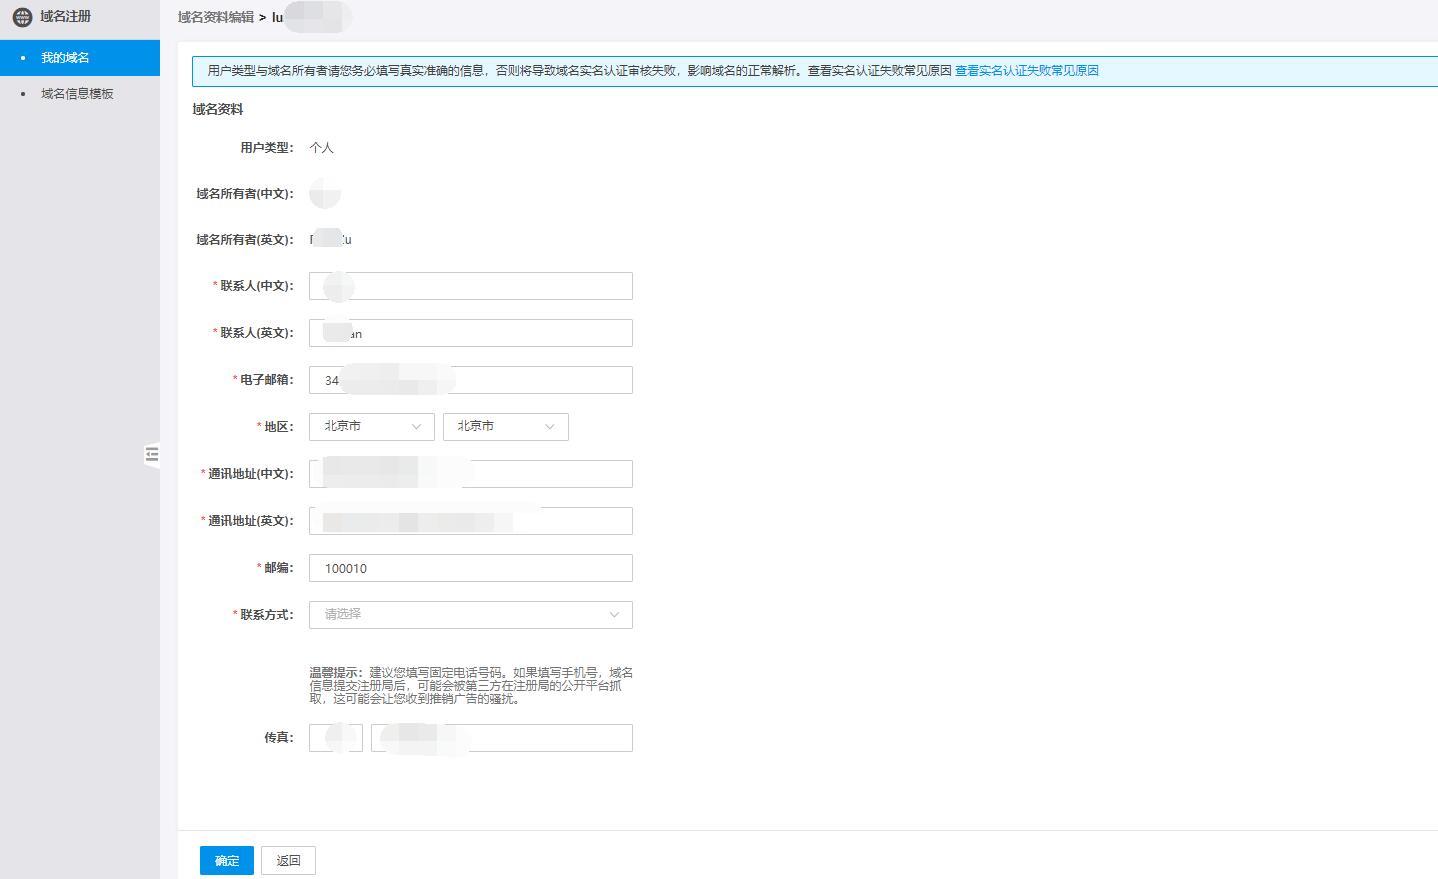 域名信息修改